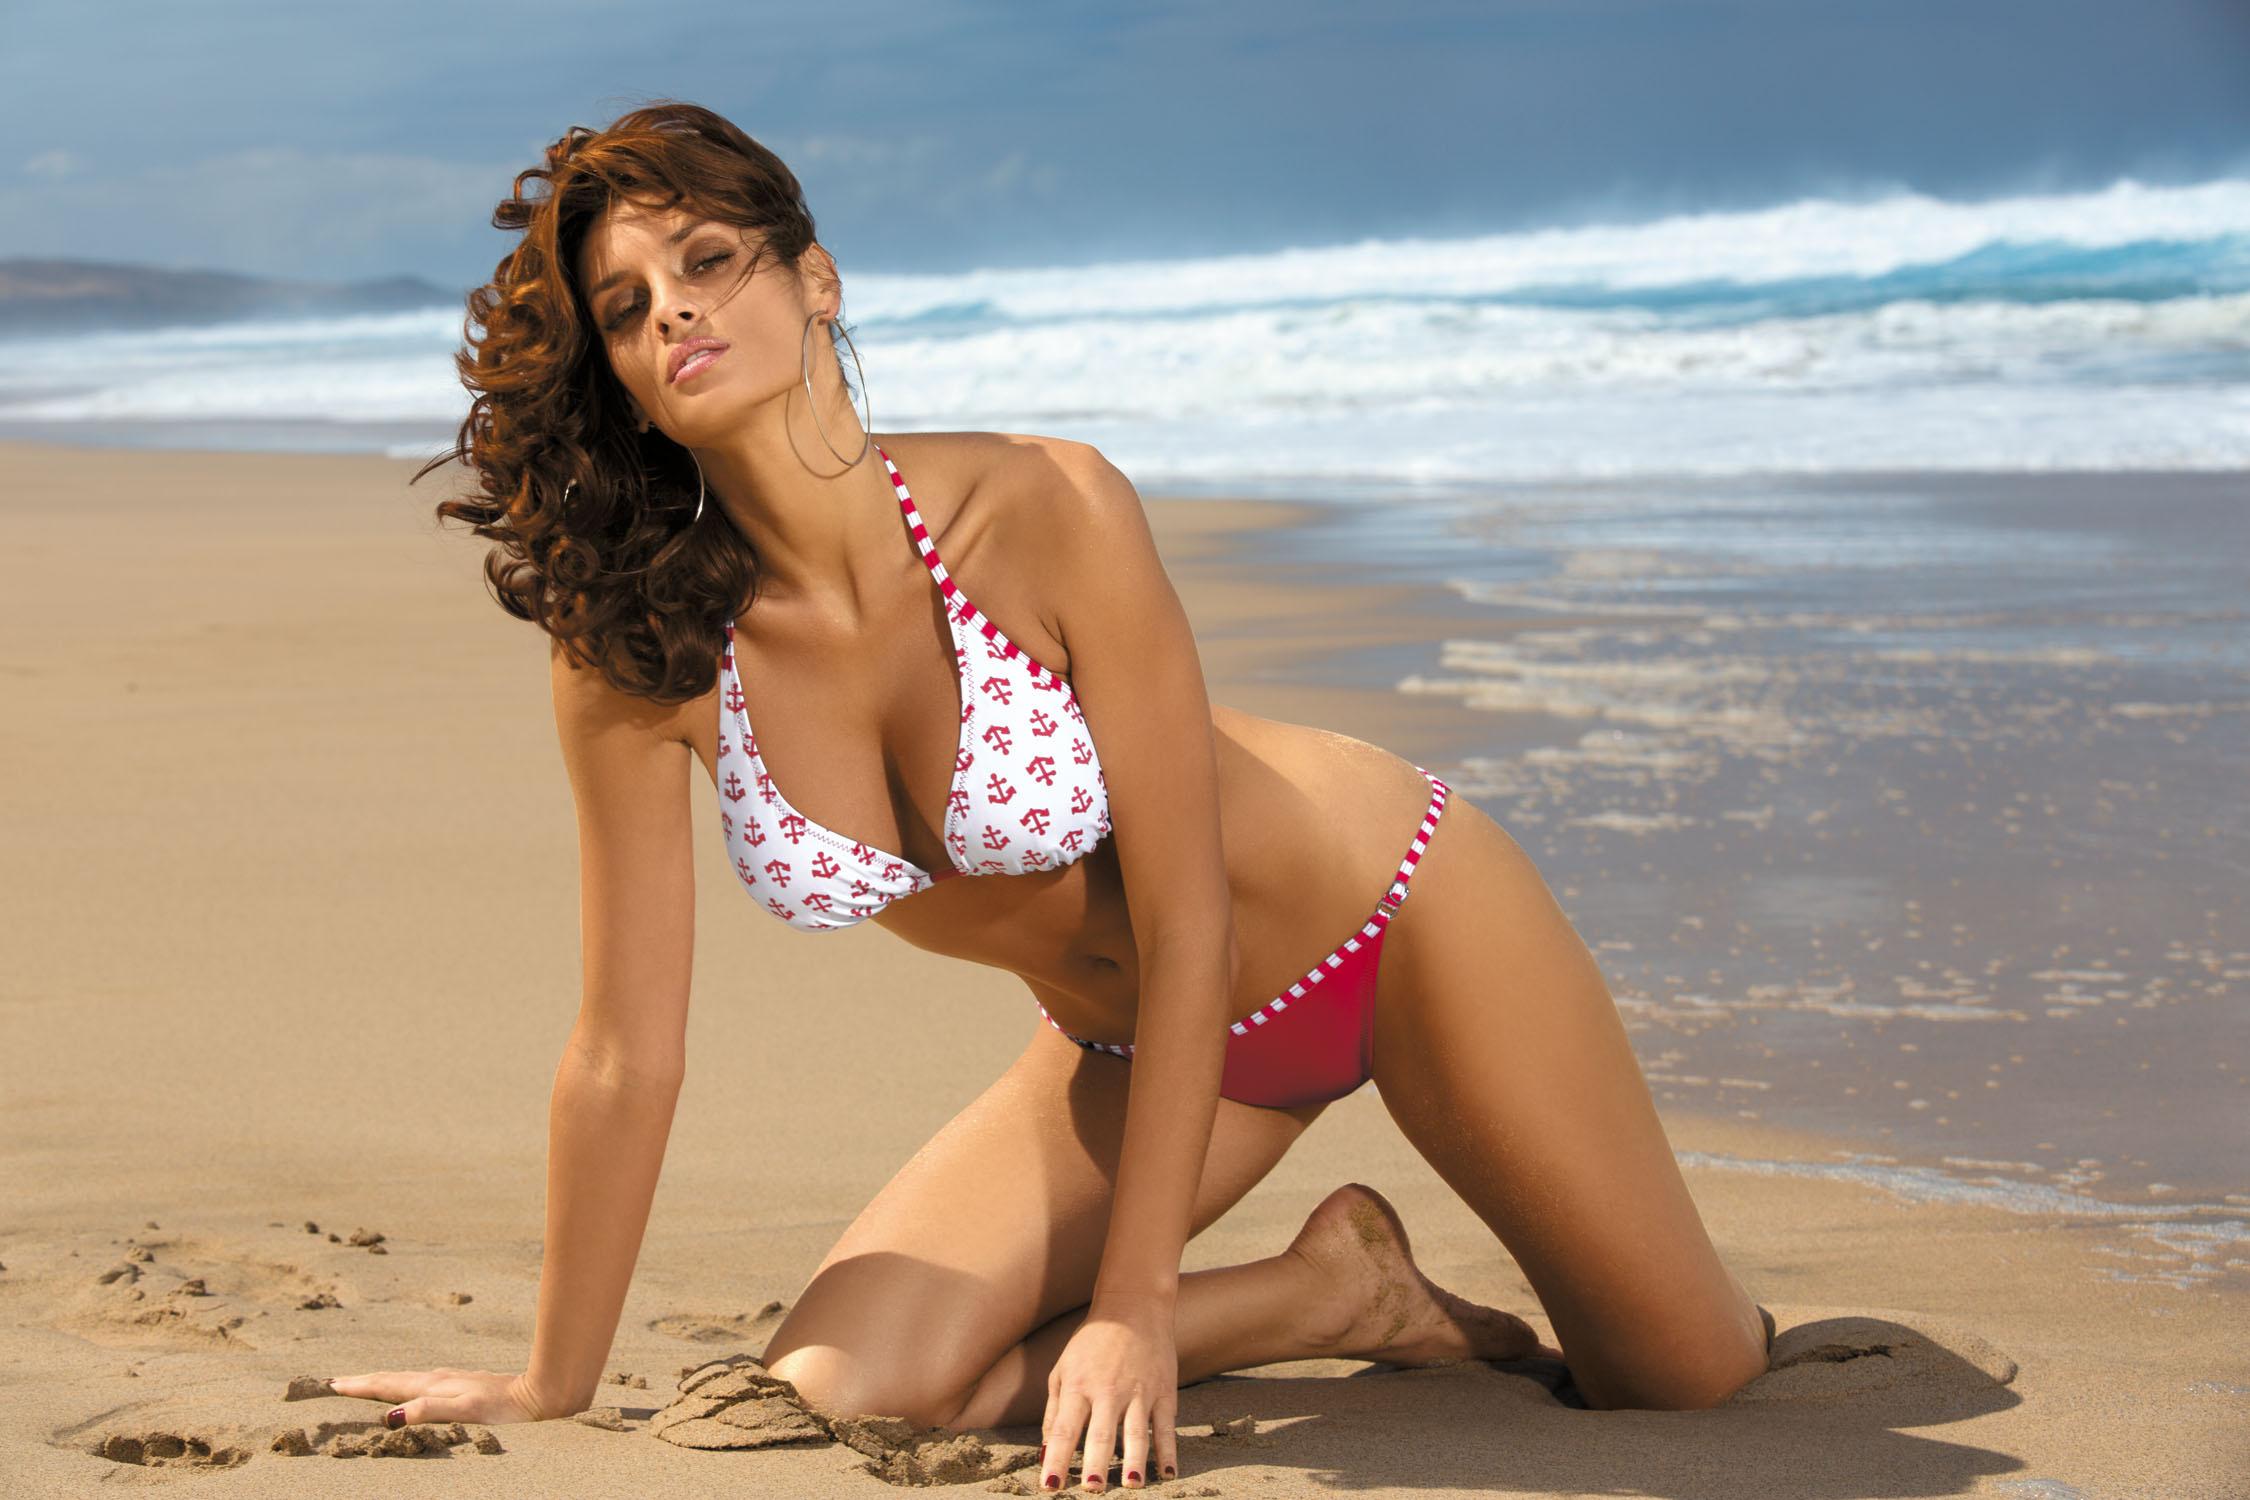 Голые на пляже нудисты и эксгибиционисты девушки голые на